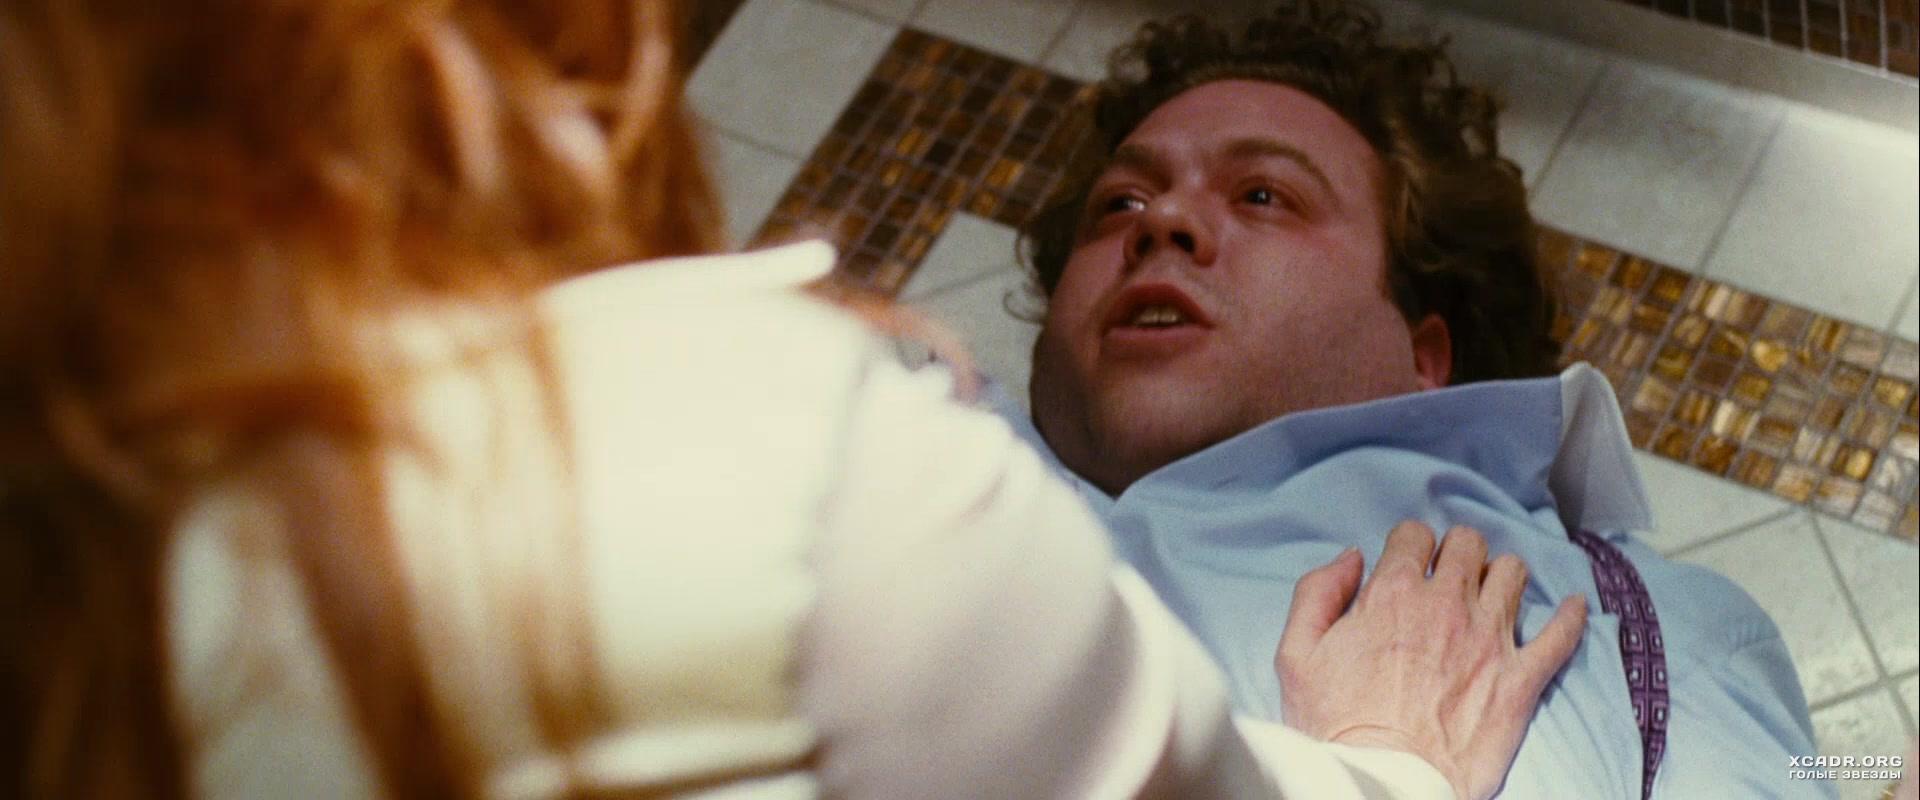 Эро фото из фильма отвези меня домой, фото эротика грация он и она